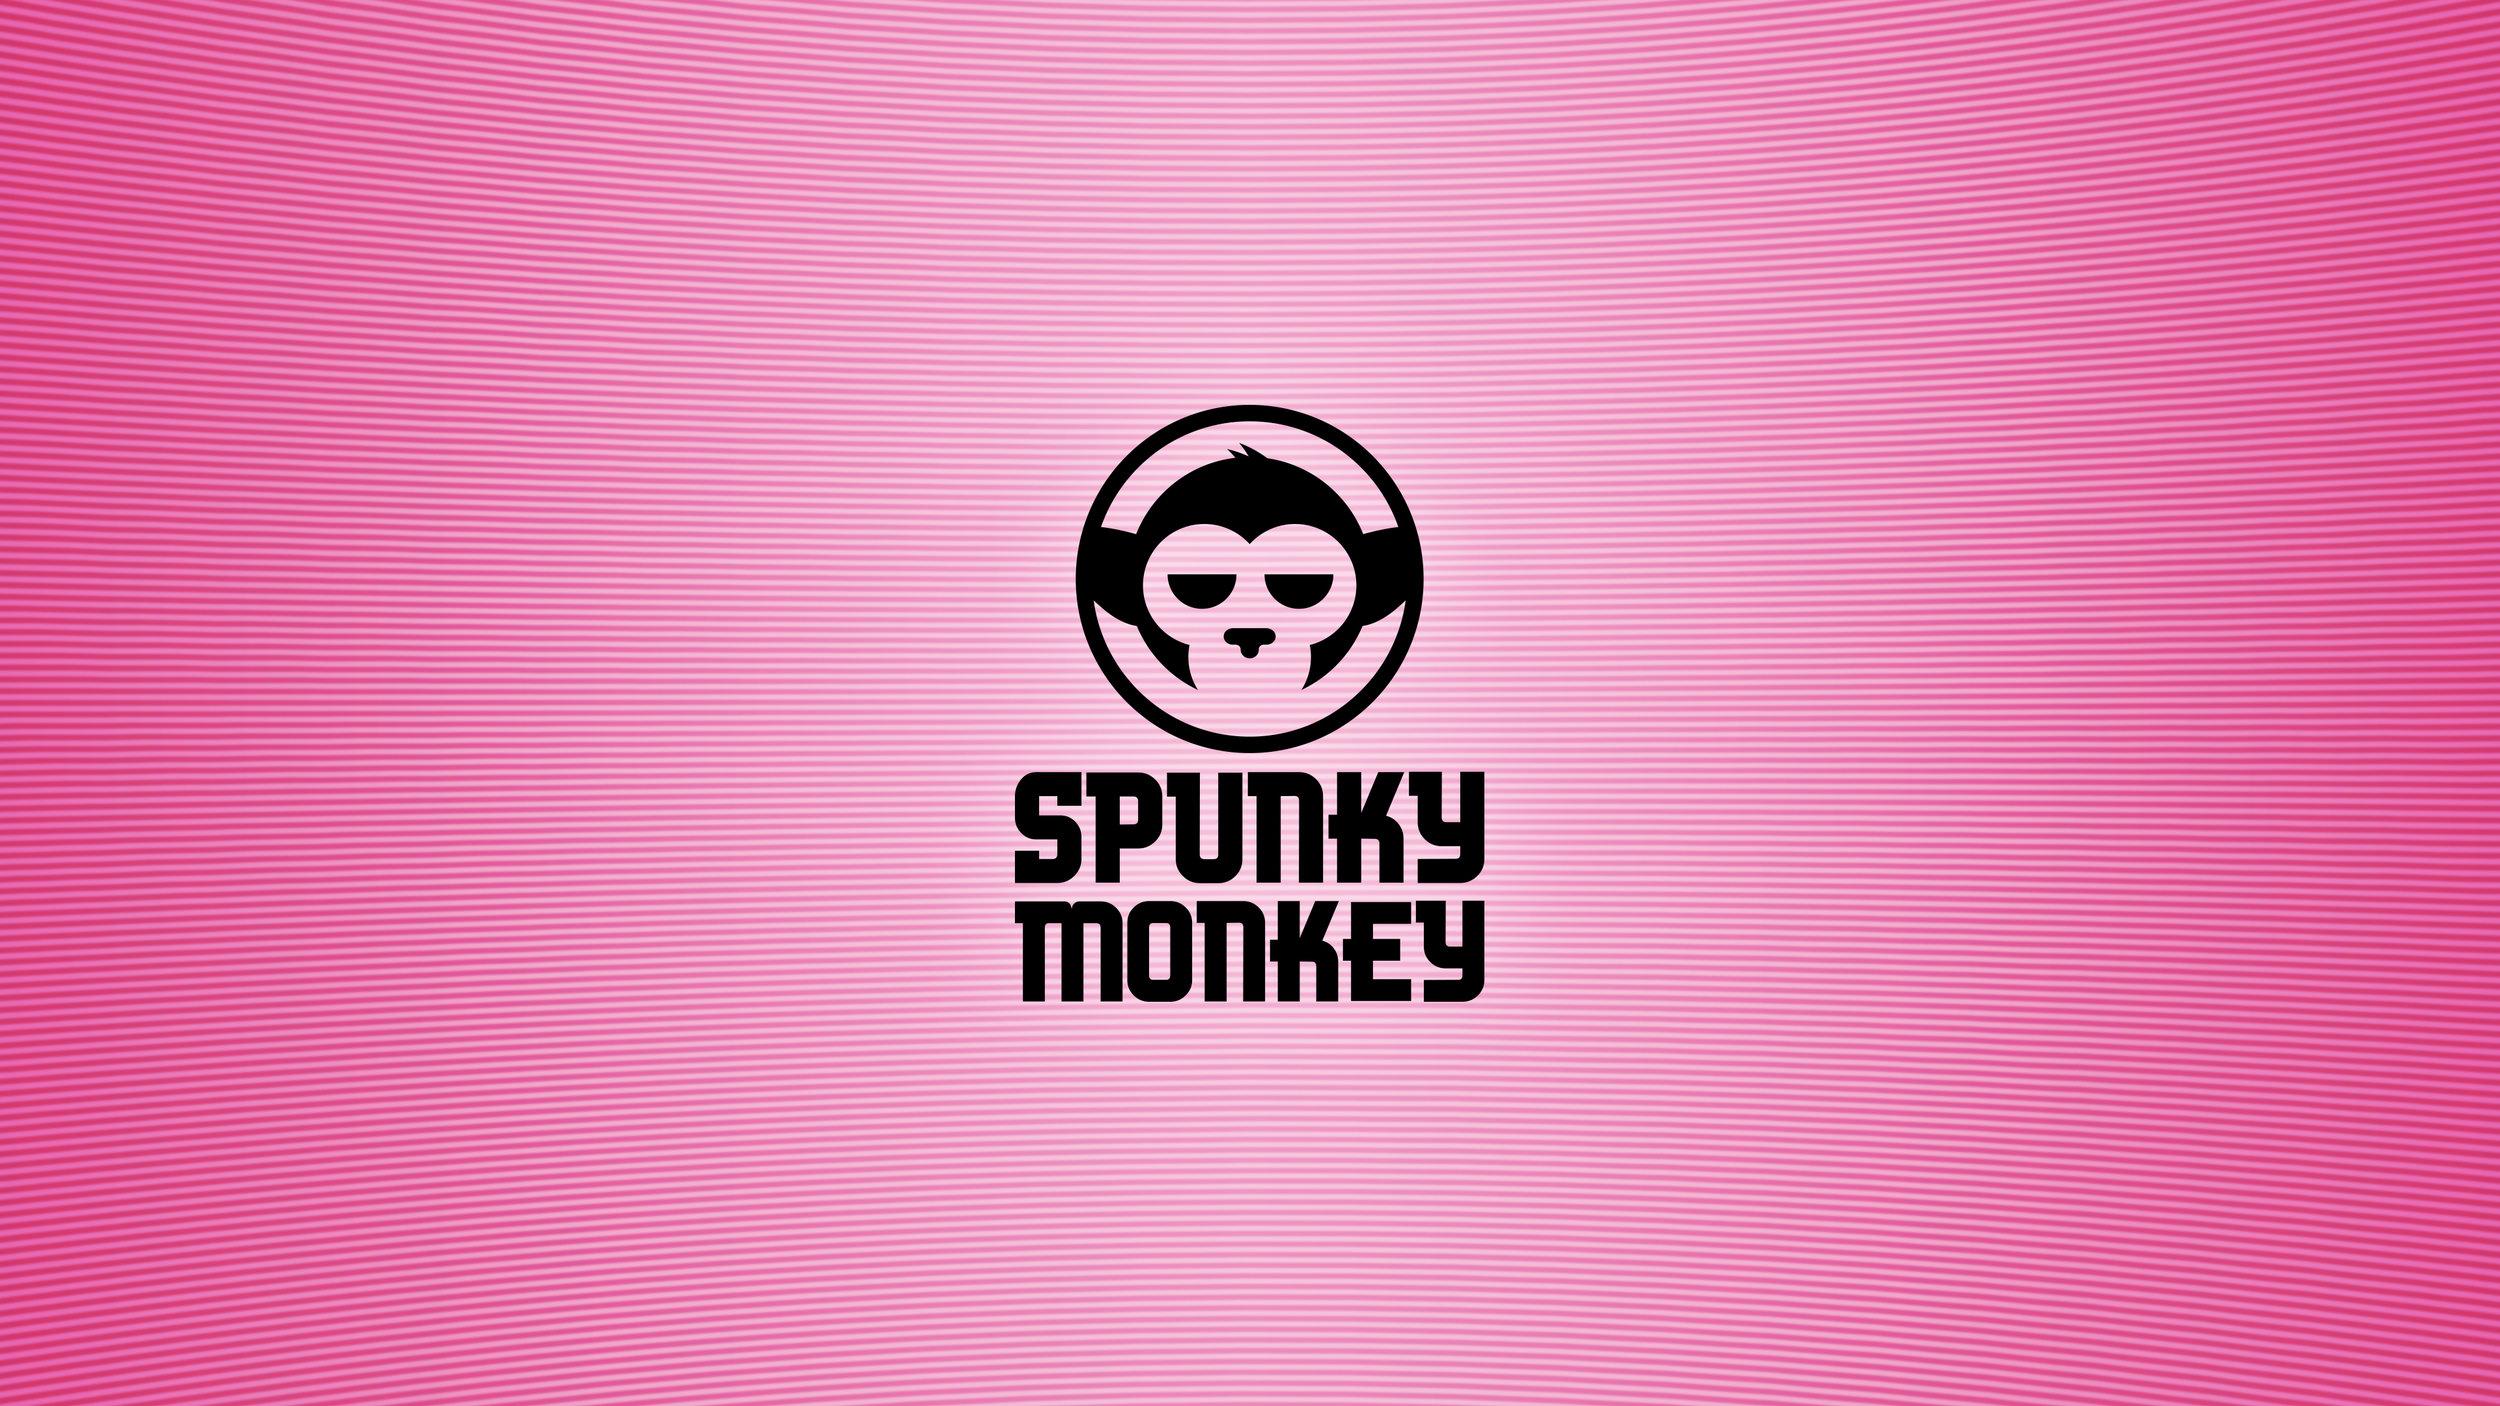 Spunky Monkey 4K Wallpaper